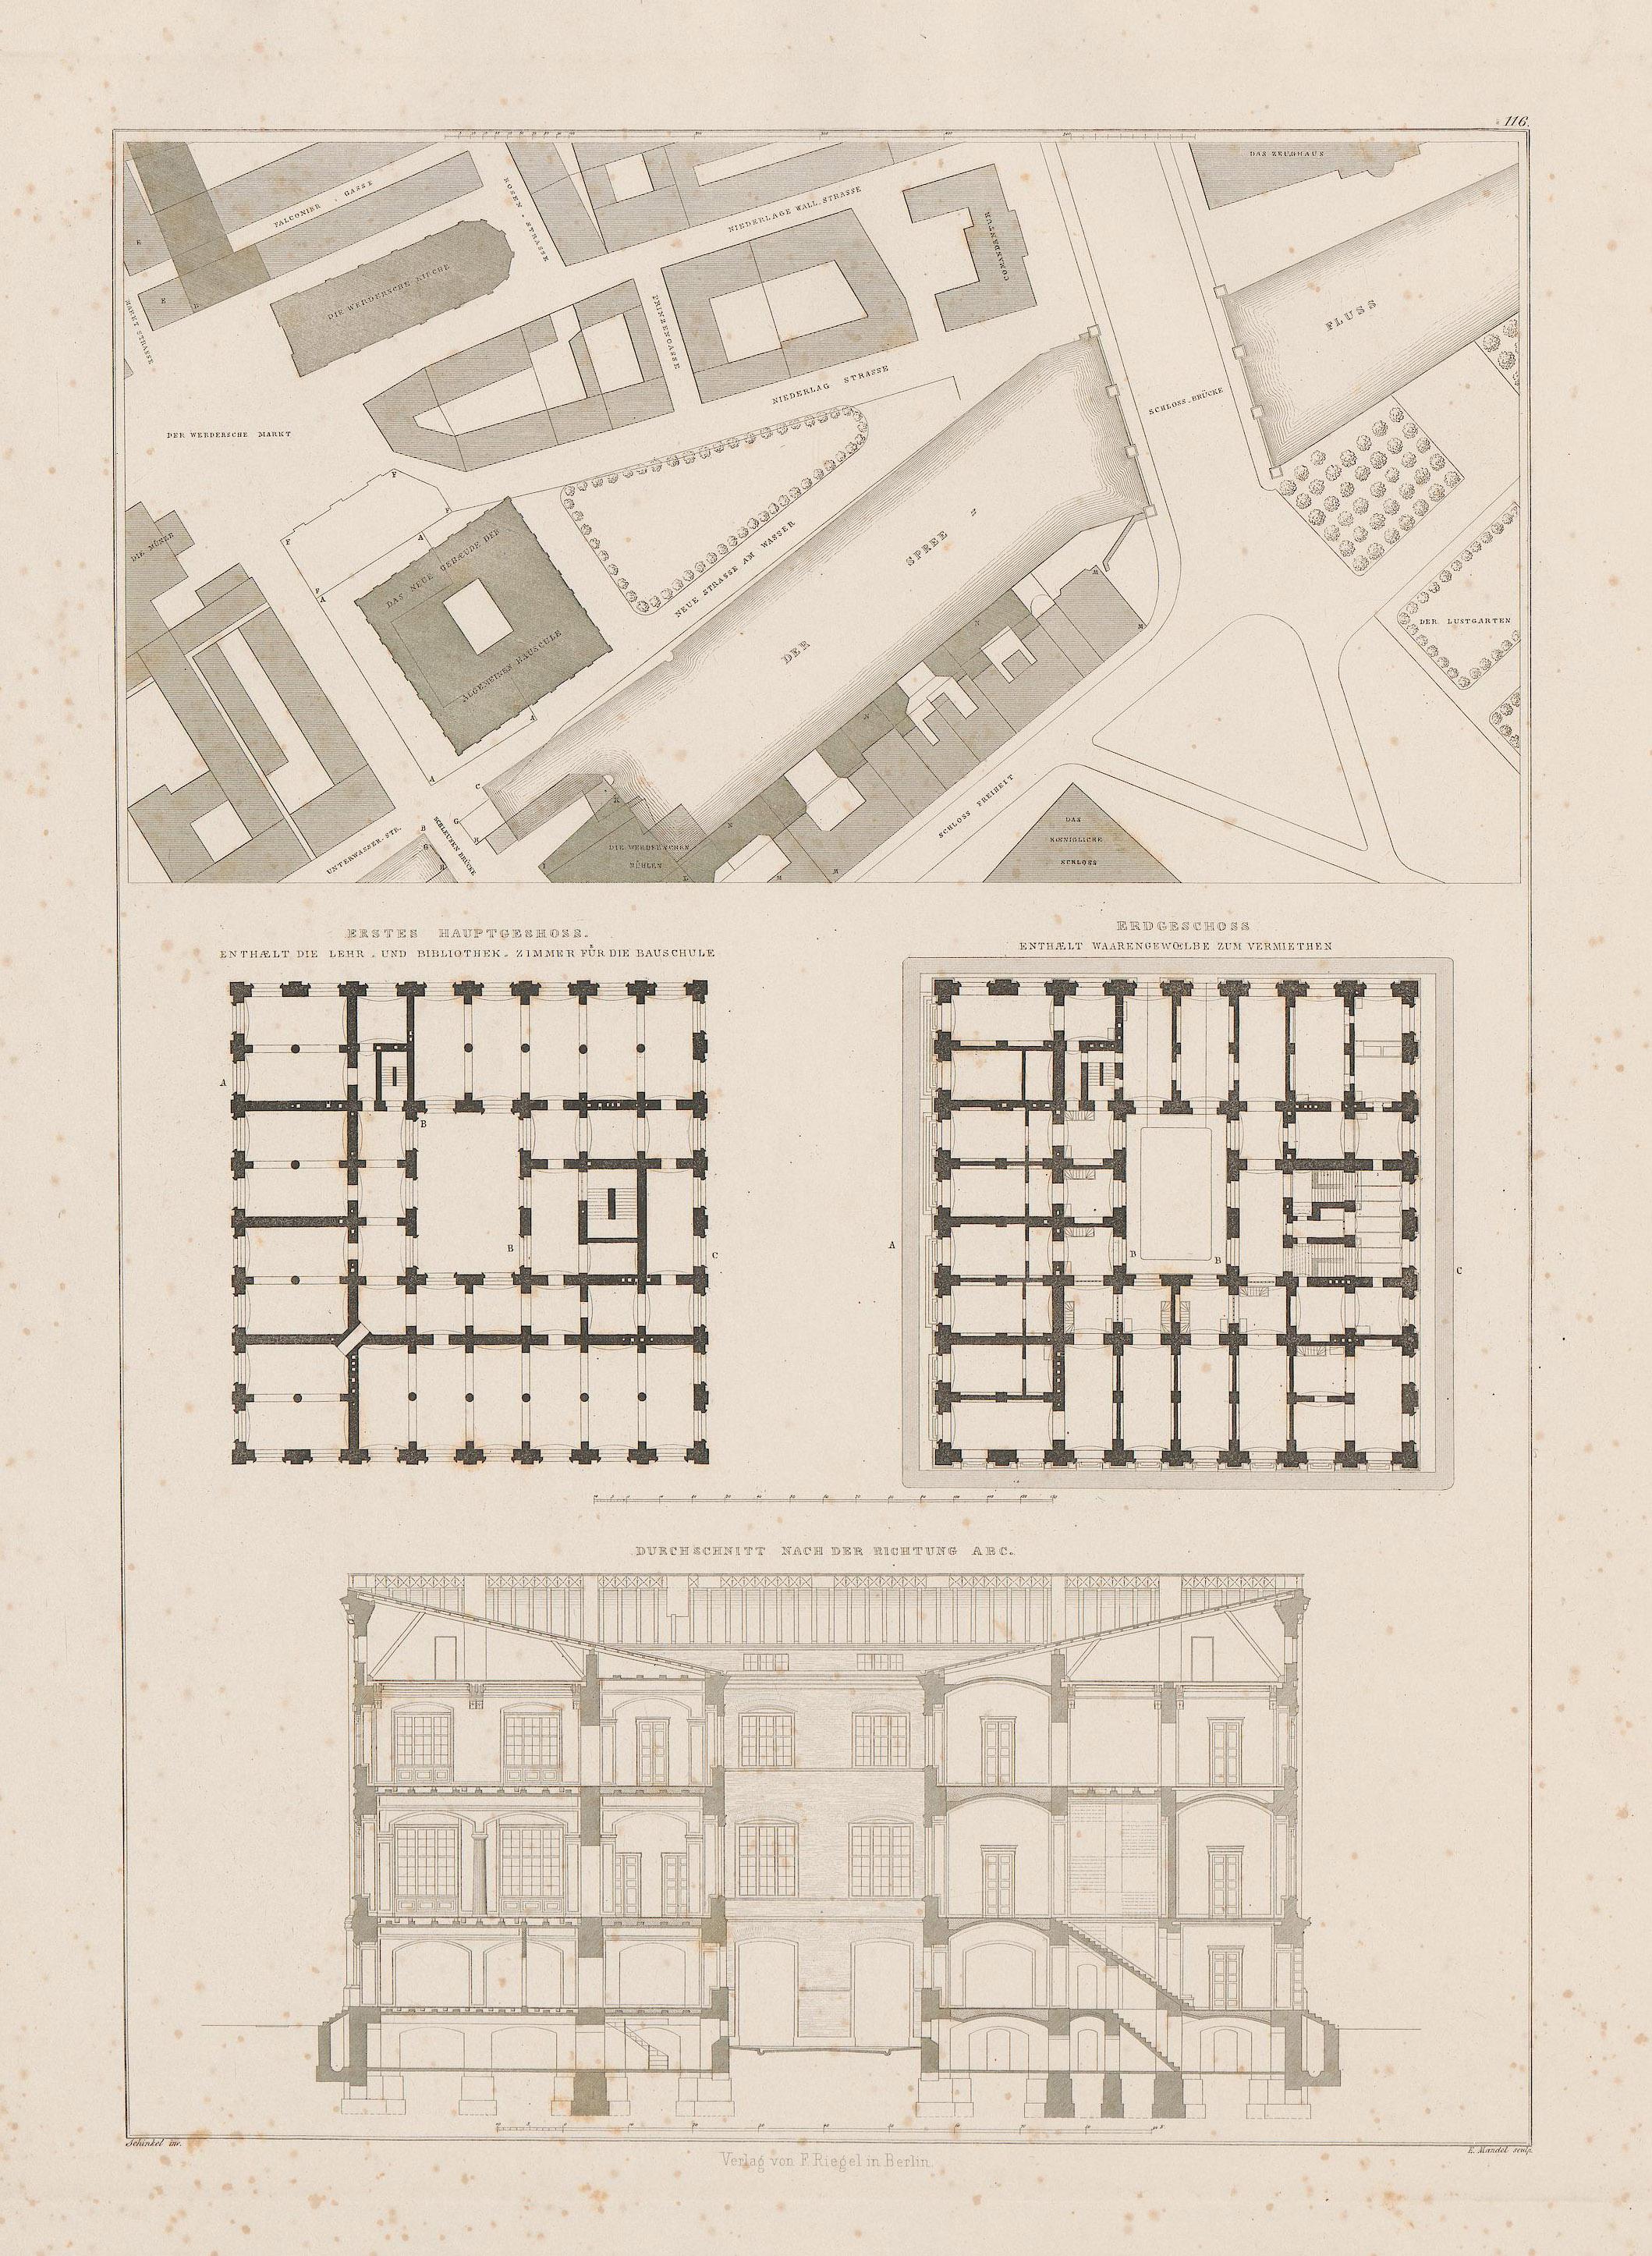 Bauakademie berlin lageplan und grundrisse heft 20 1833 tafel 122